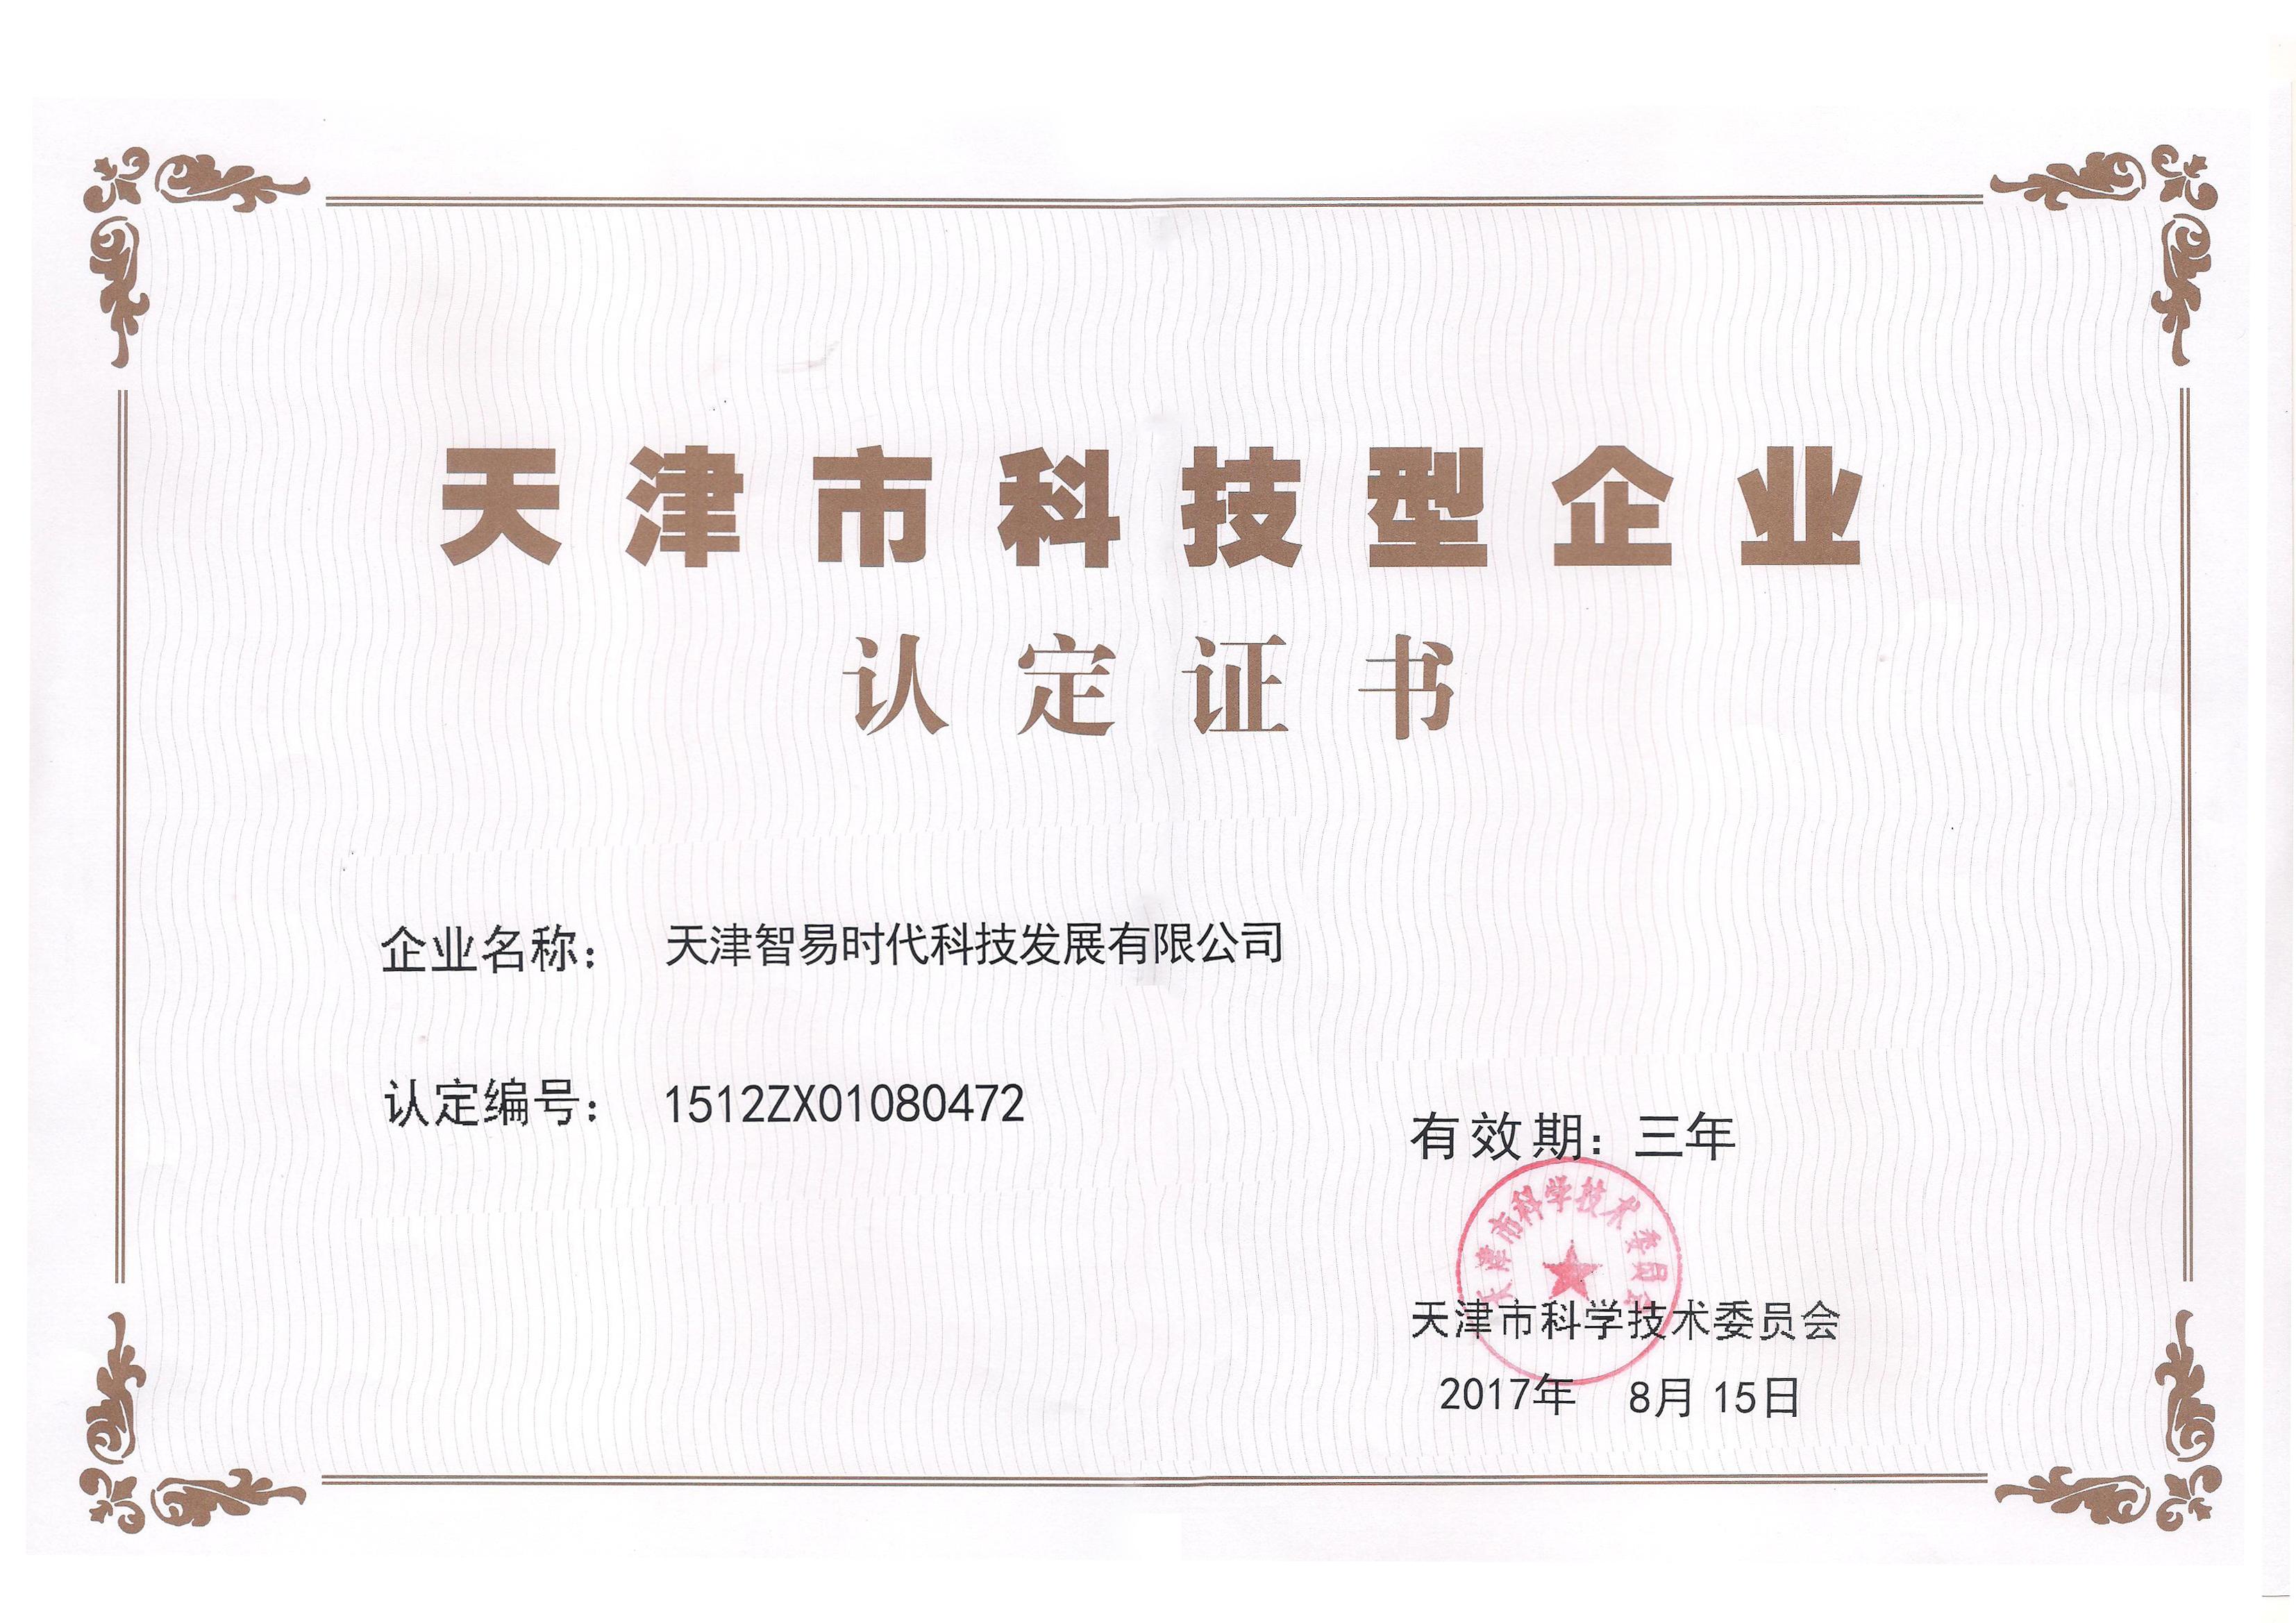 新的天津市科技型中小企业认证